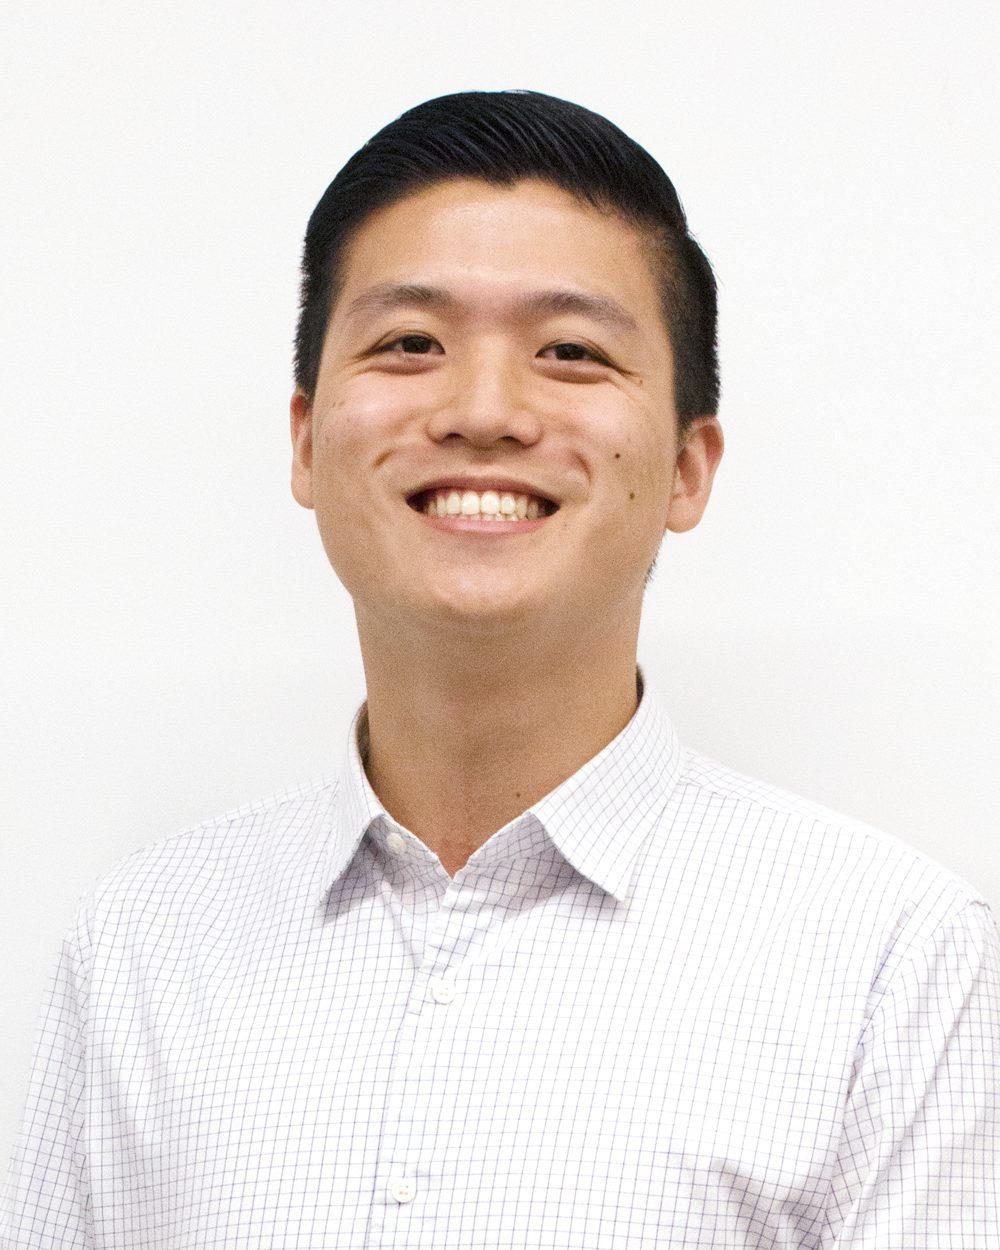 Alton Wang